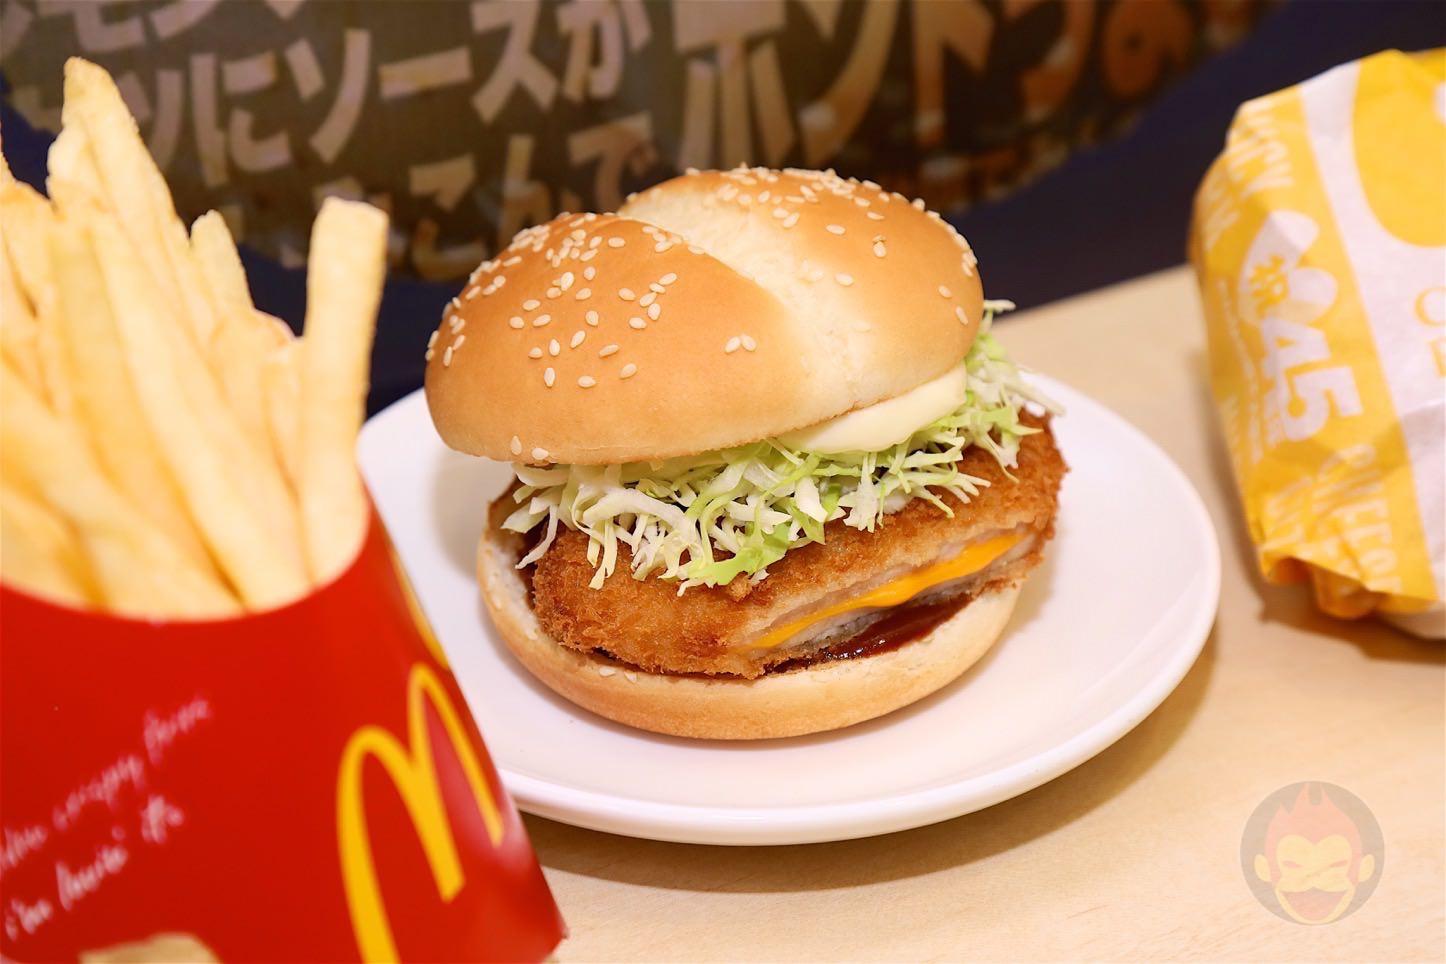 McDonalds-Cheese-Katsu-Burger-04.jpg